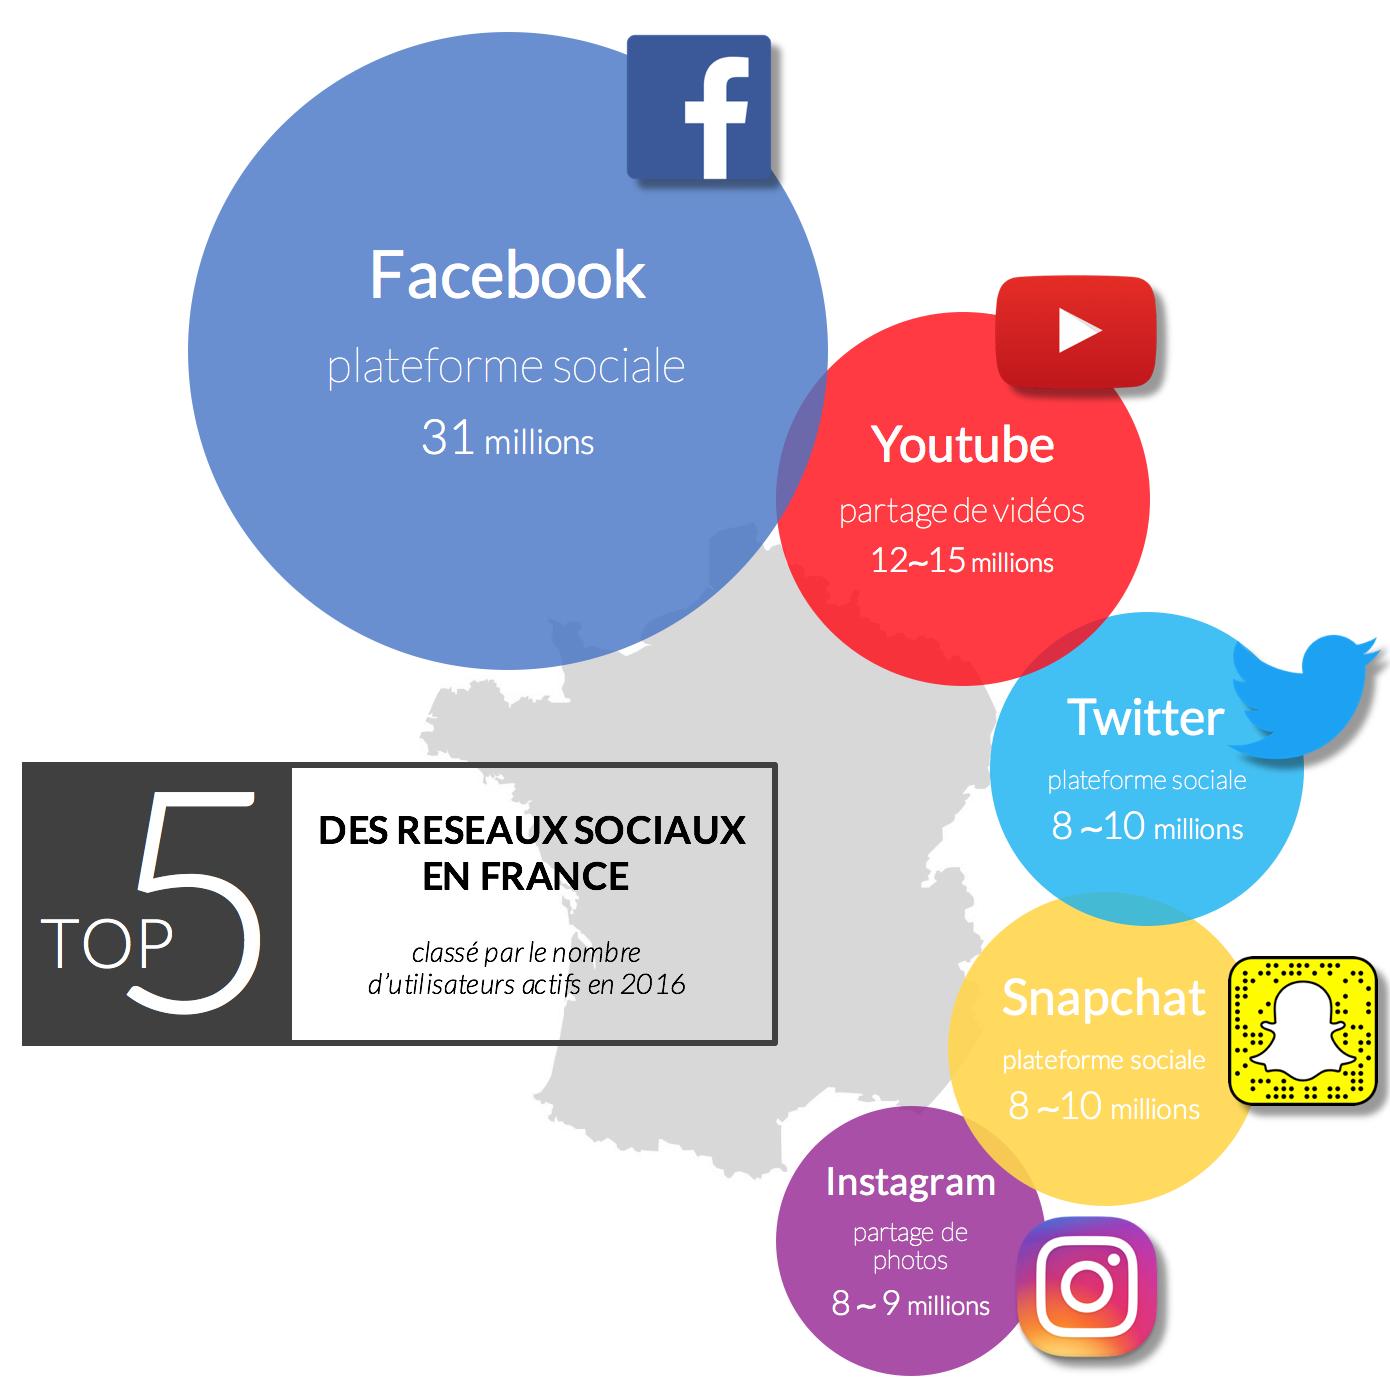 infographie-meilleurs-réseaux-sociaux-france